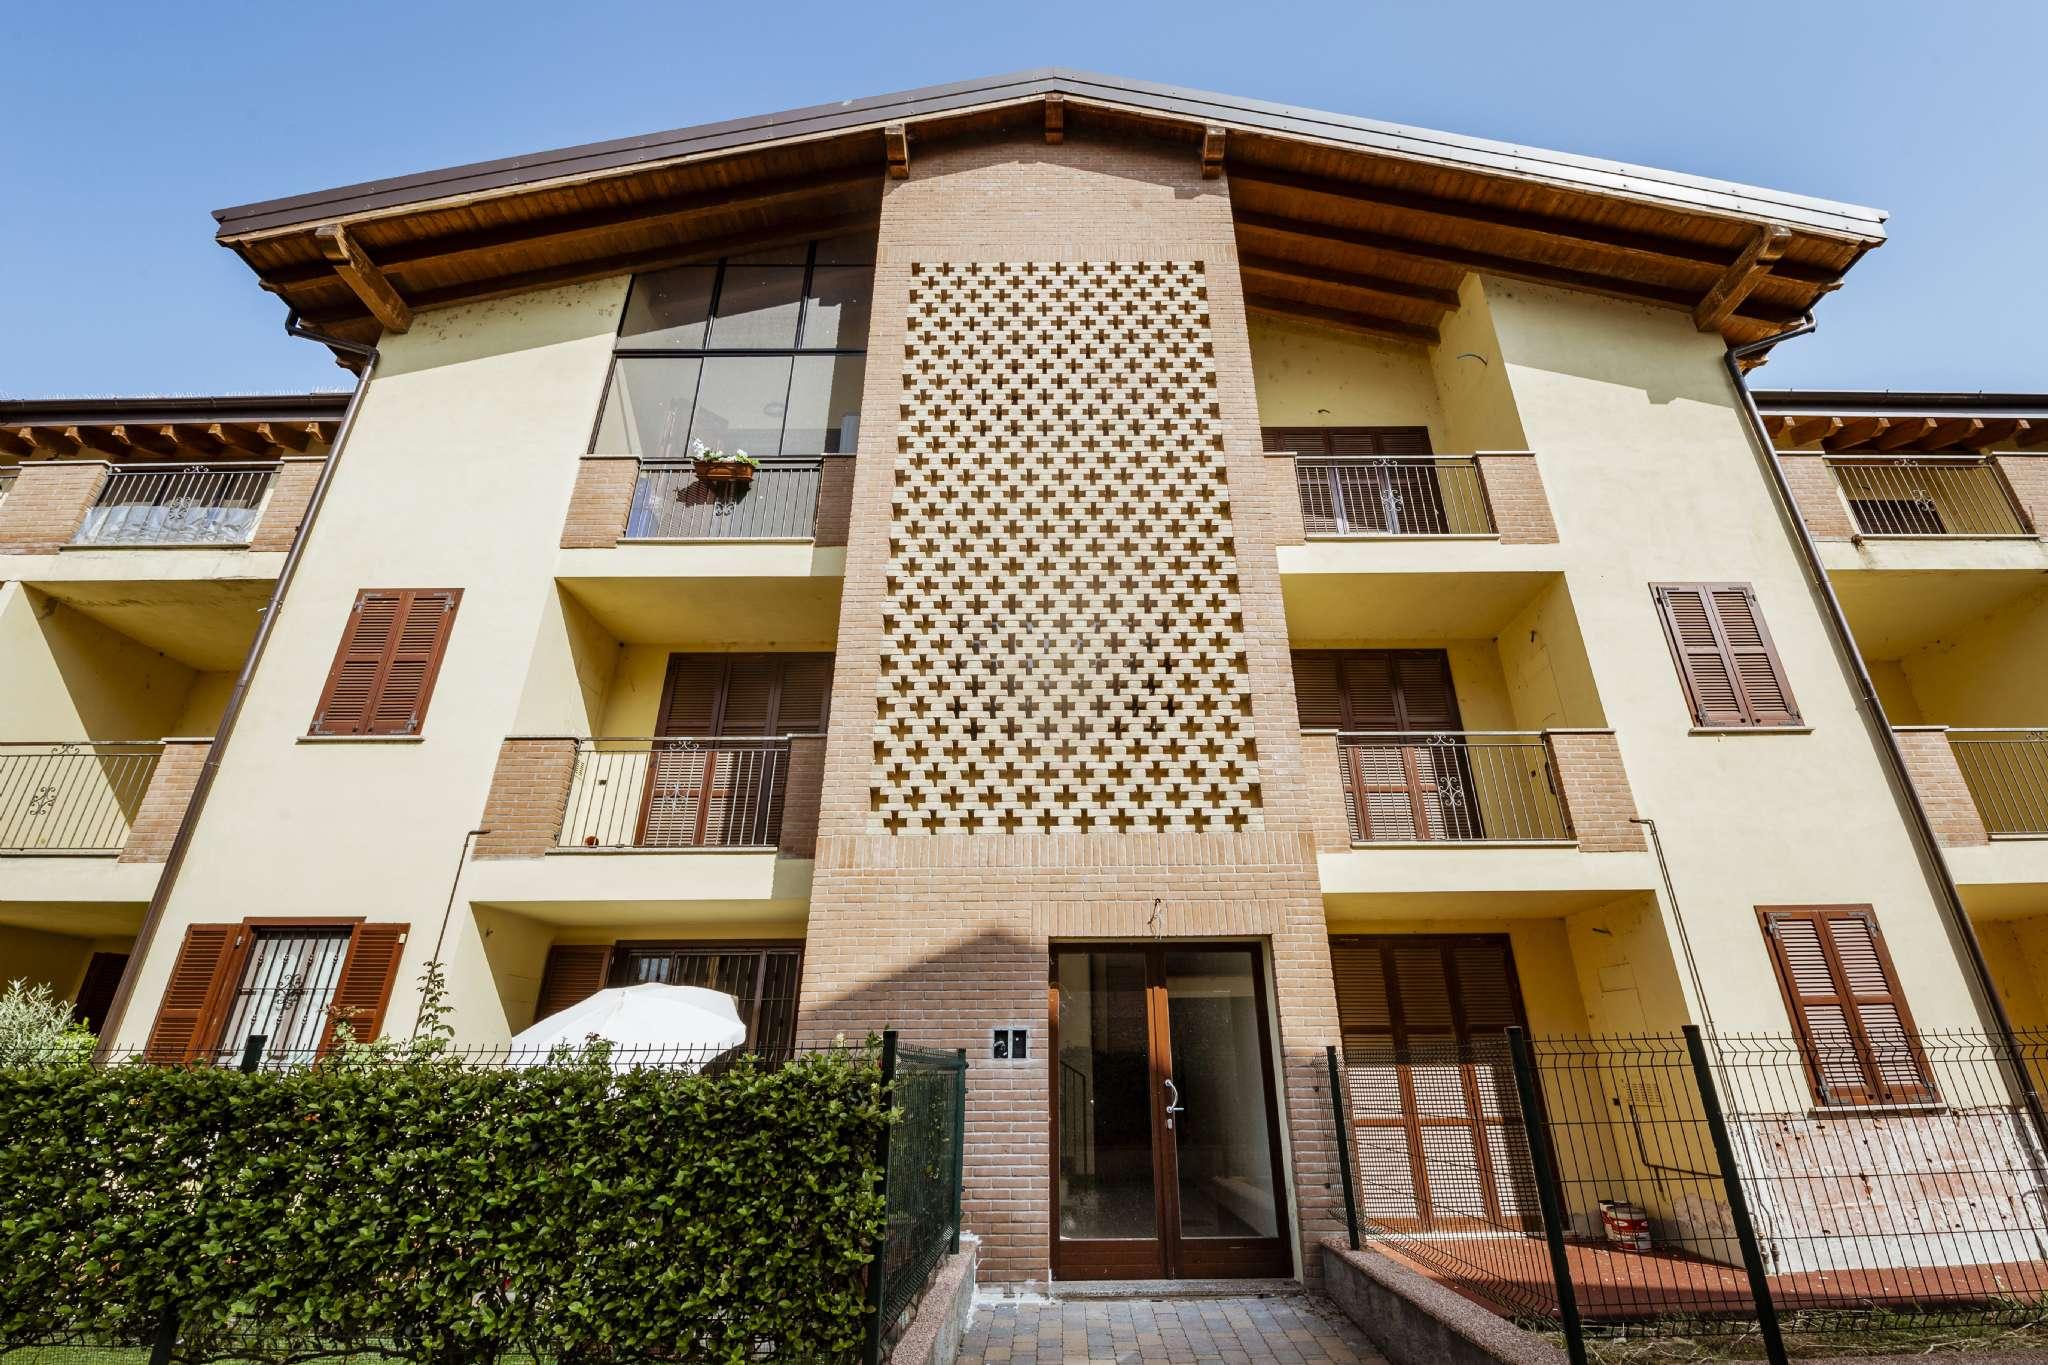 Appartamento in vendita a Certosa di Pavia, 2 locali, prezzo € 88.000 | PortaleAgenzieImmobiliari.it